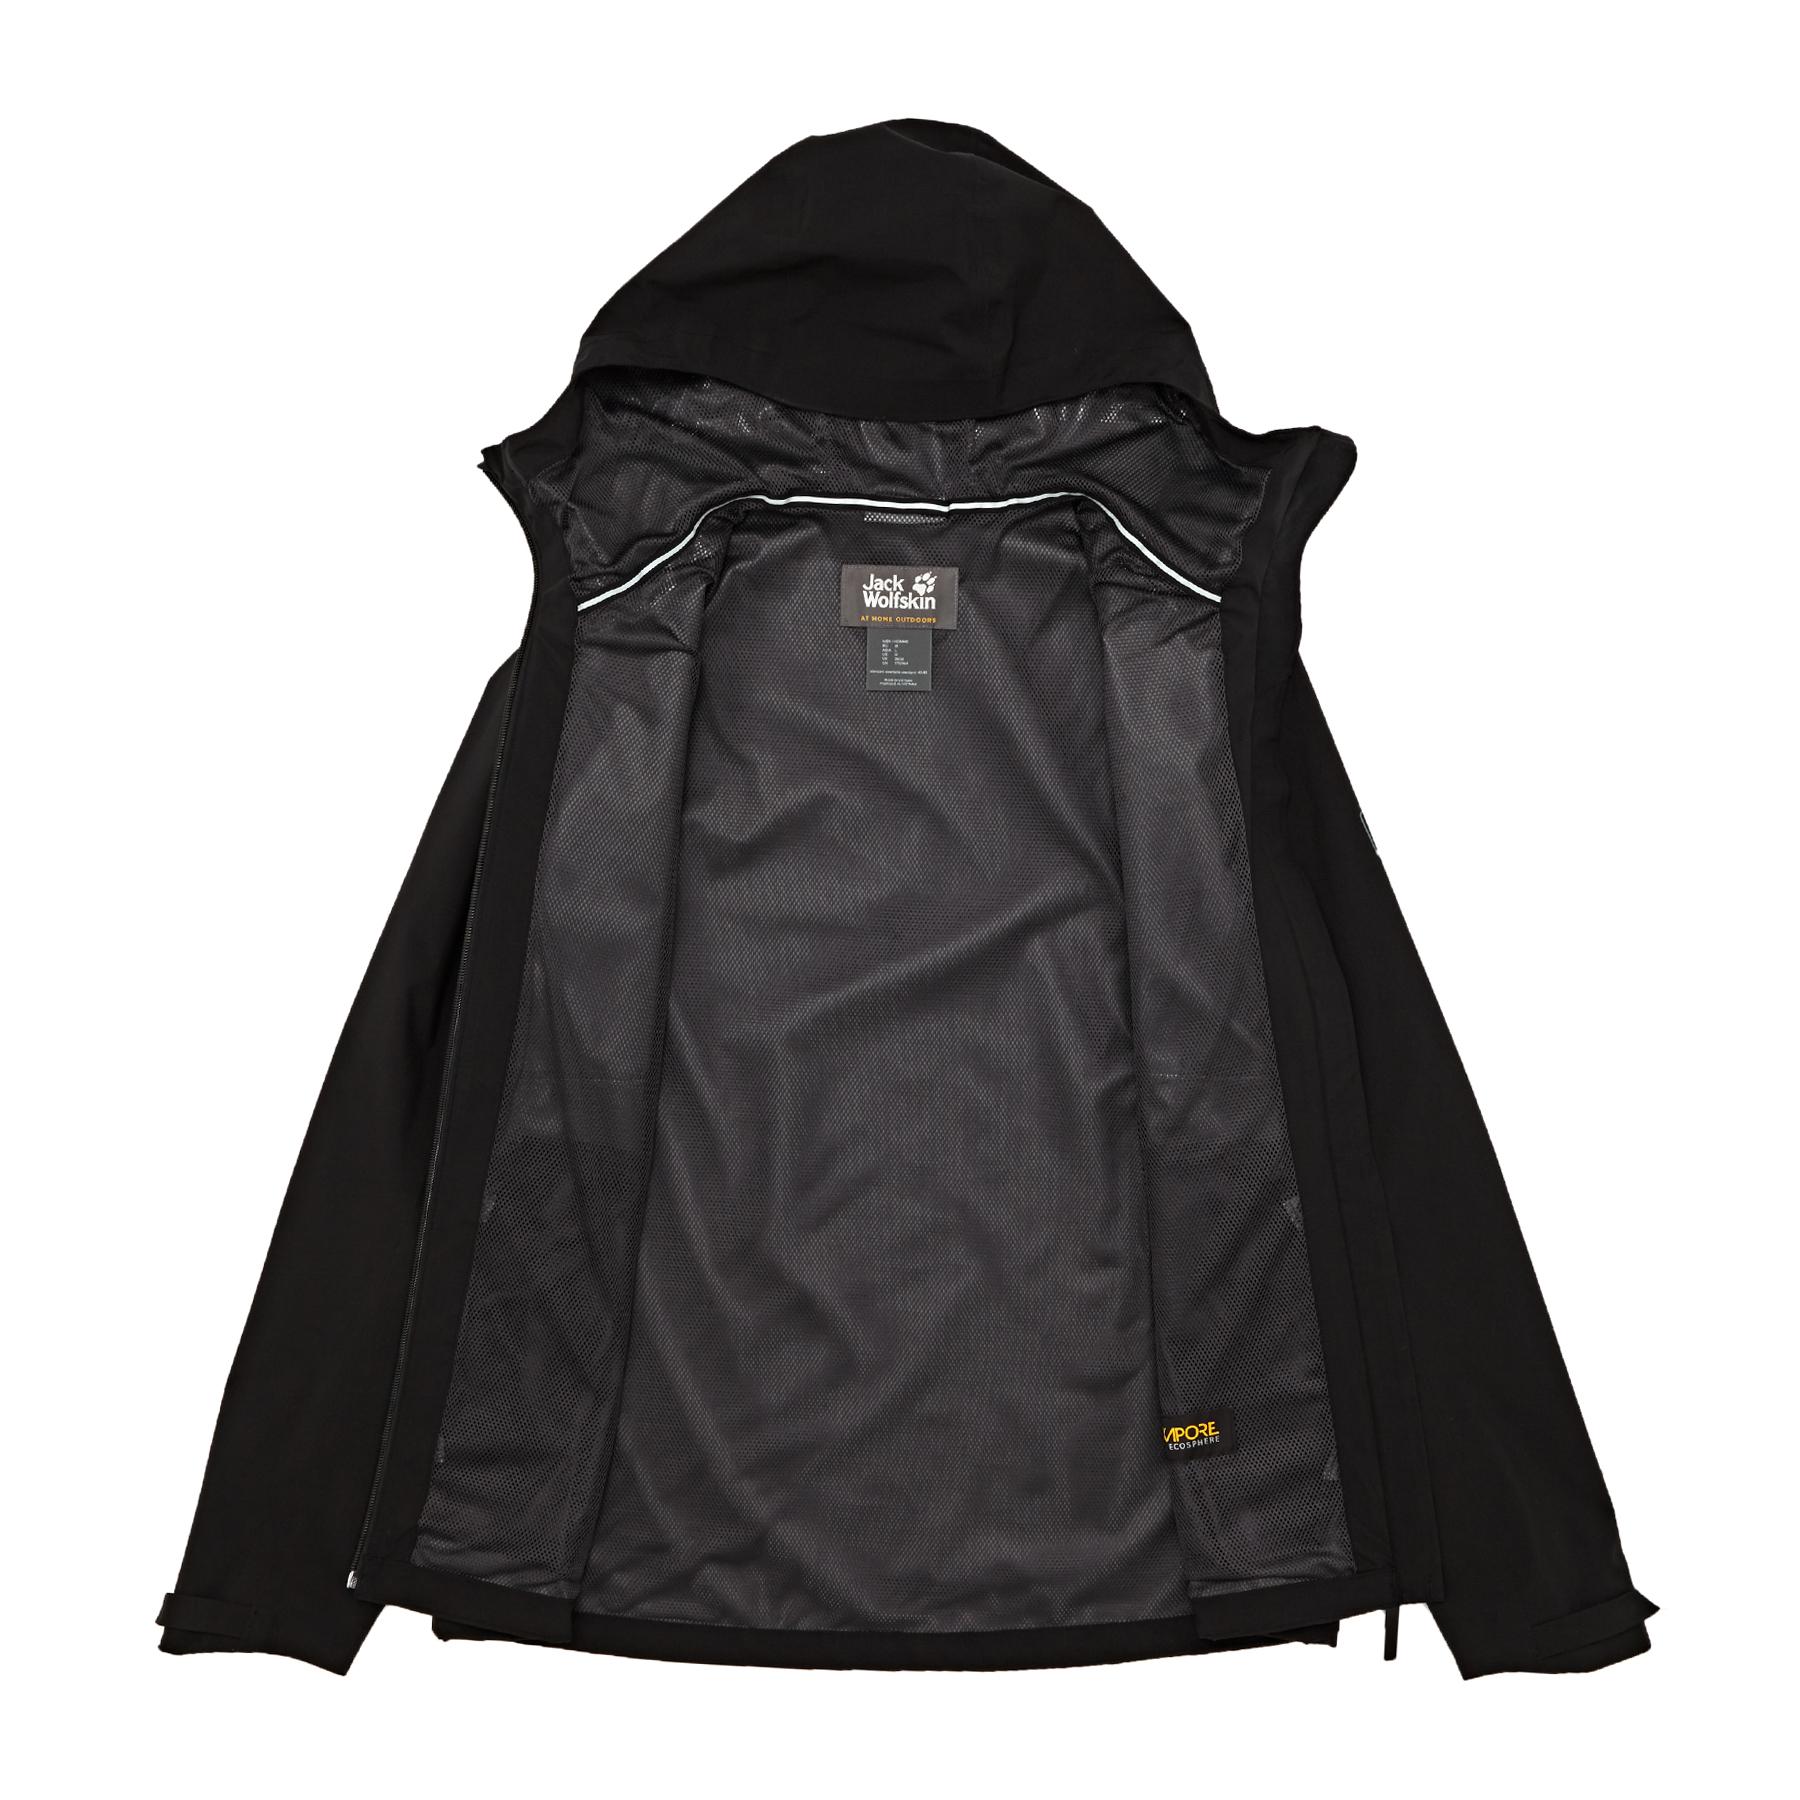 Shell Jack Wolfskin Jacke Available At Webtogs Jwp jqpUzLMVGS